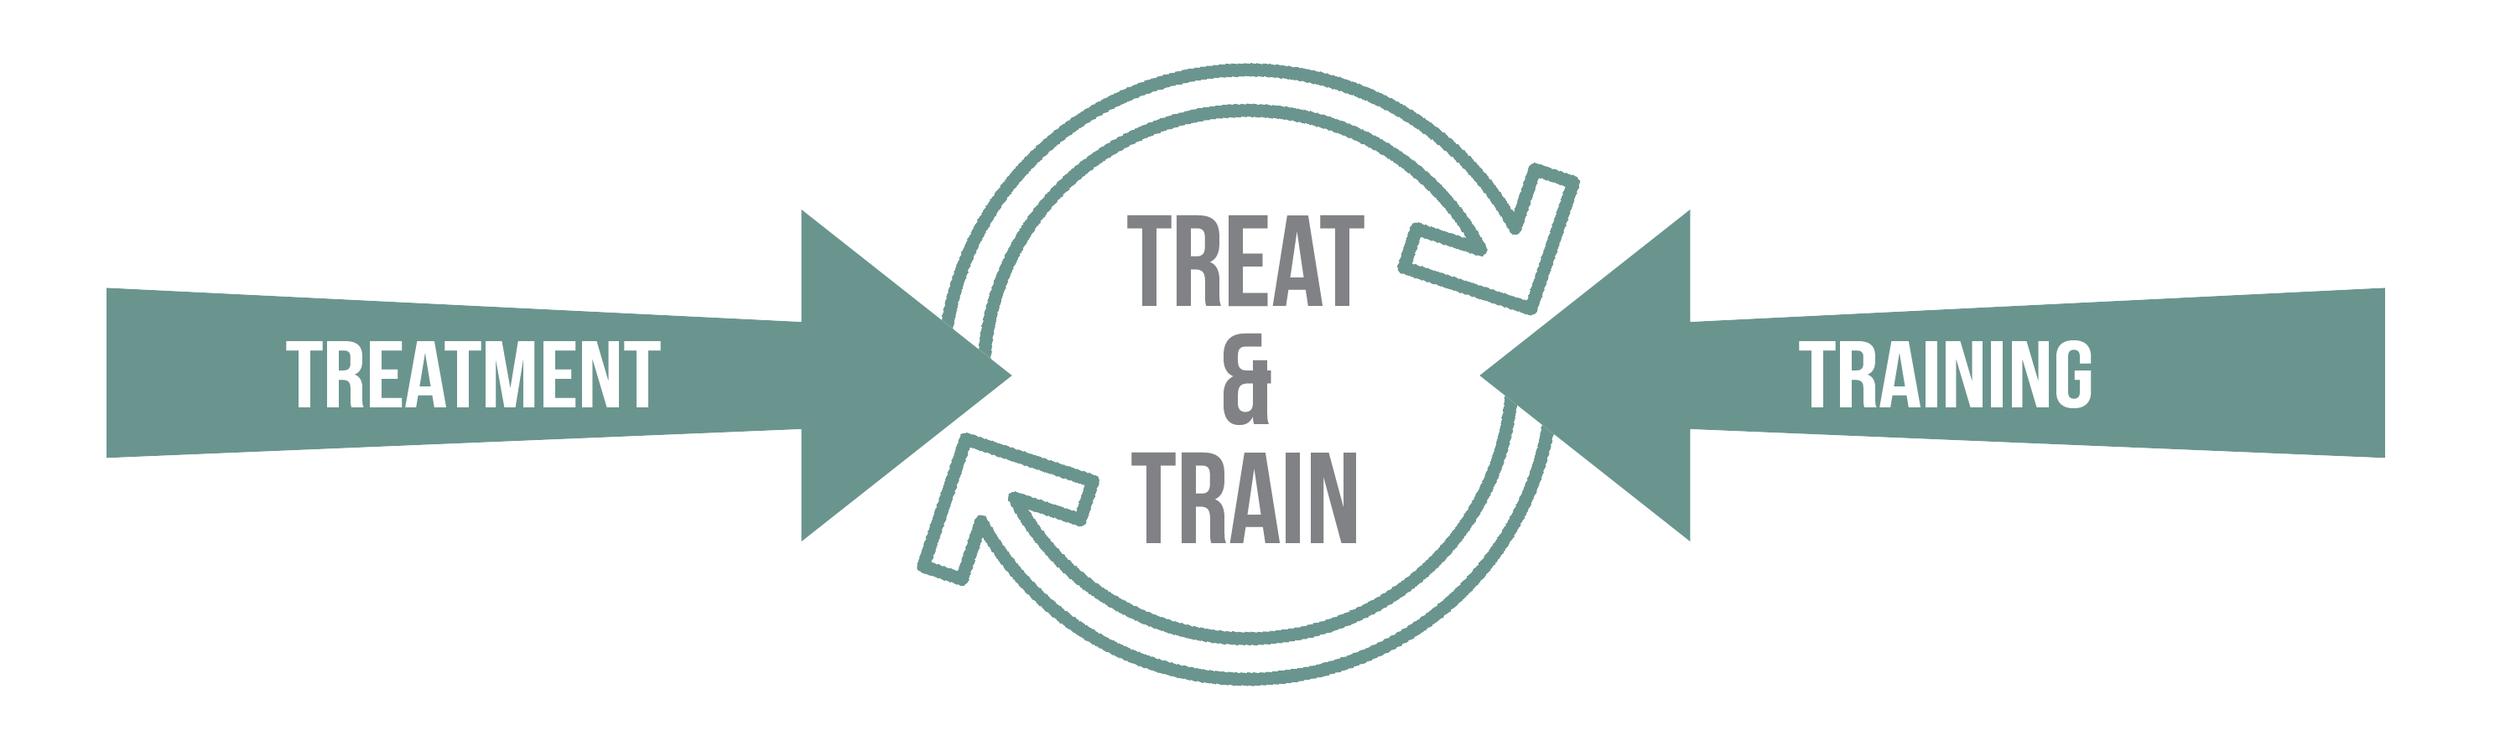 Treat + Train-01-01.png